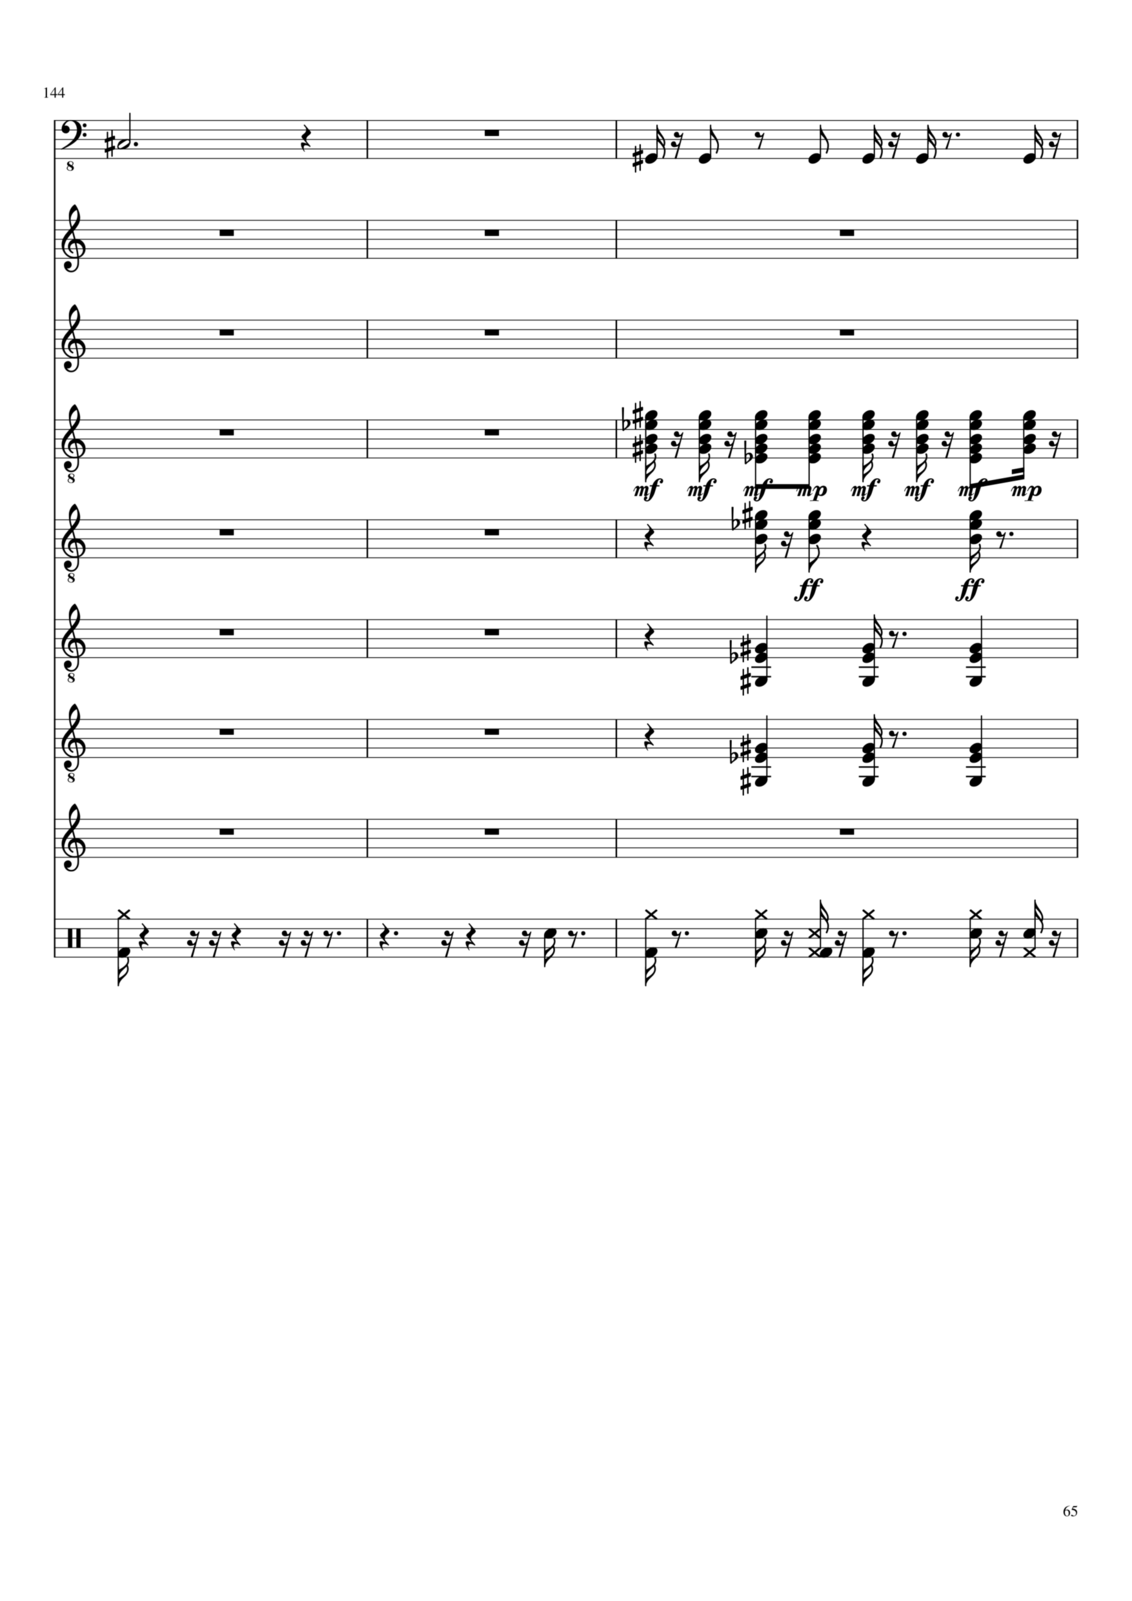 Serdtse slide, Image 65